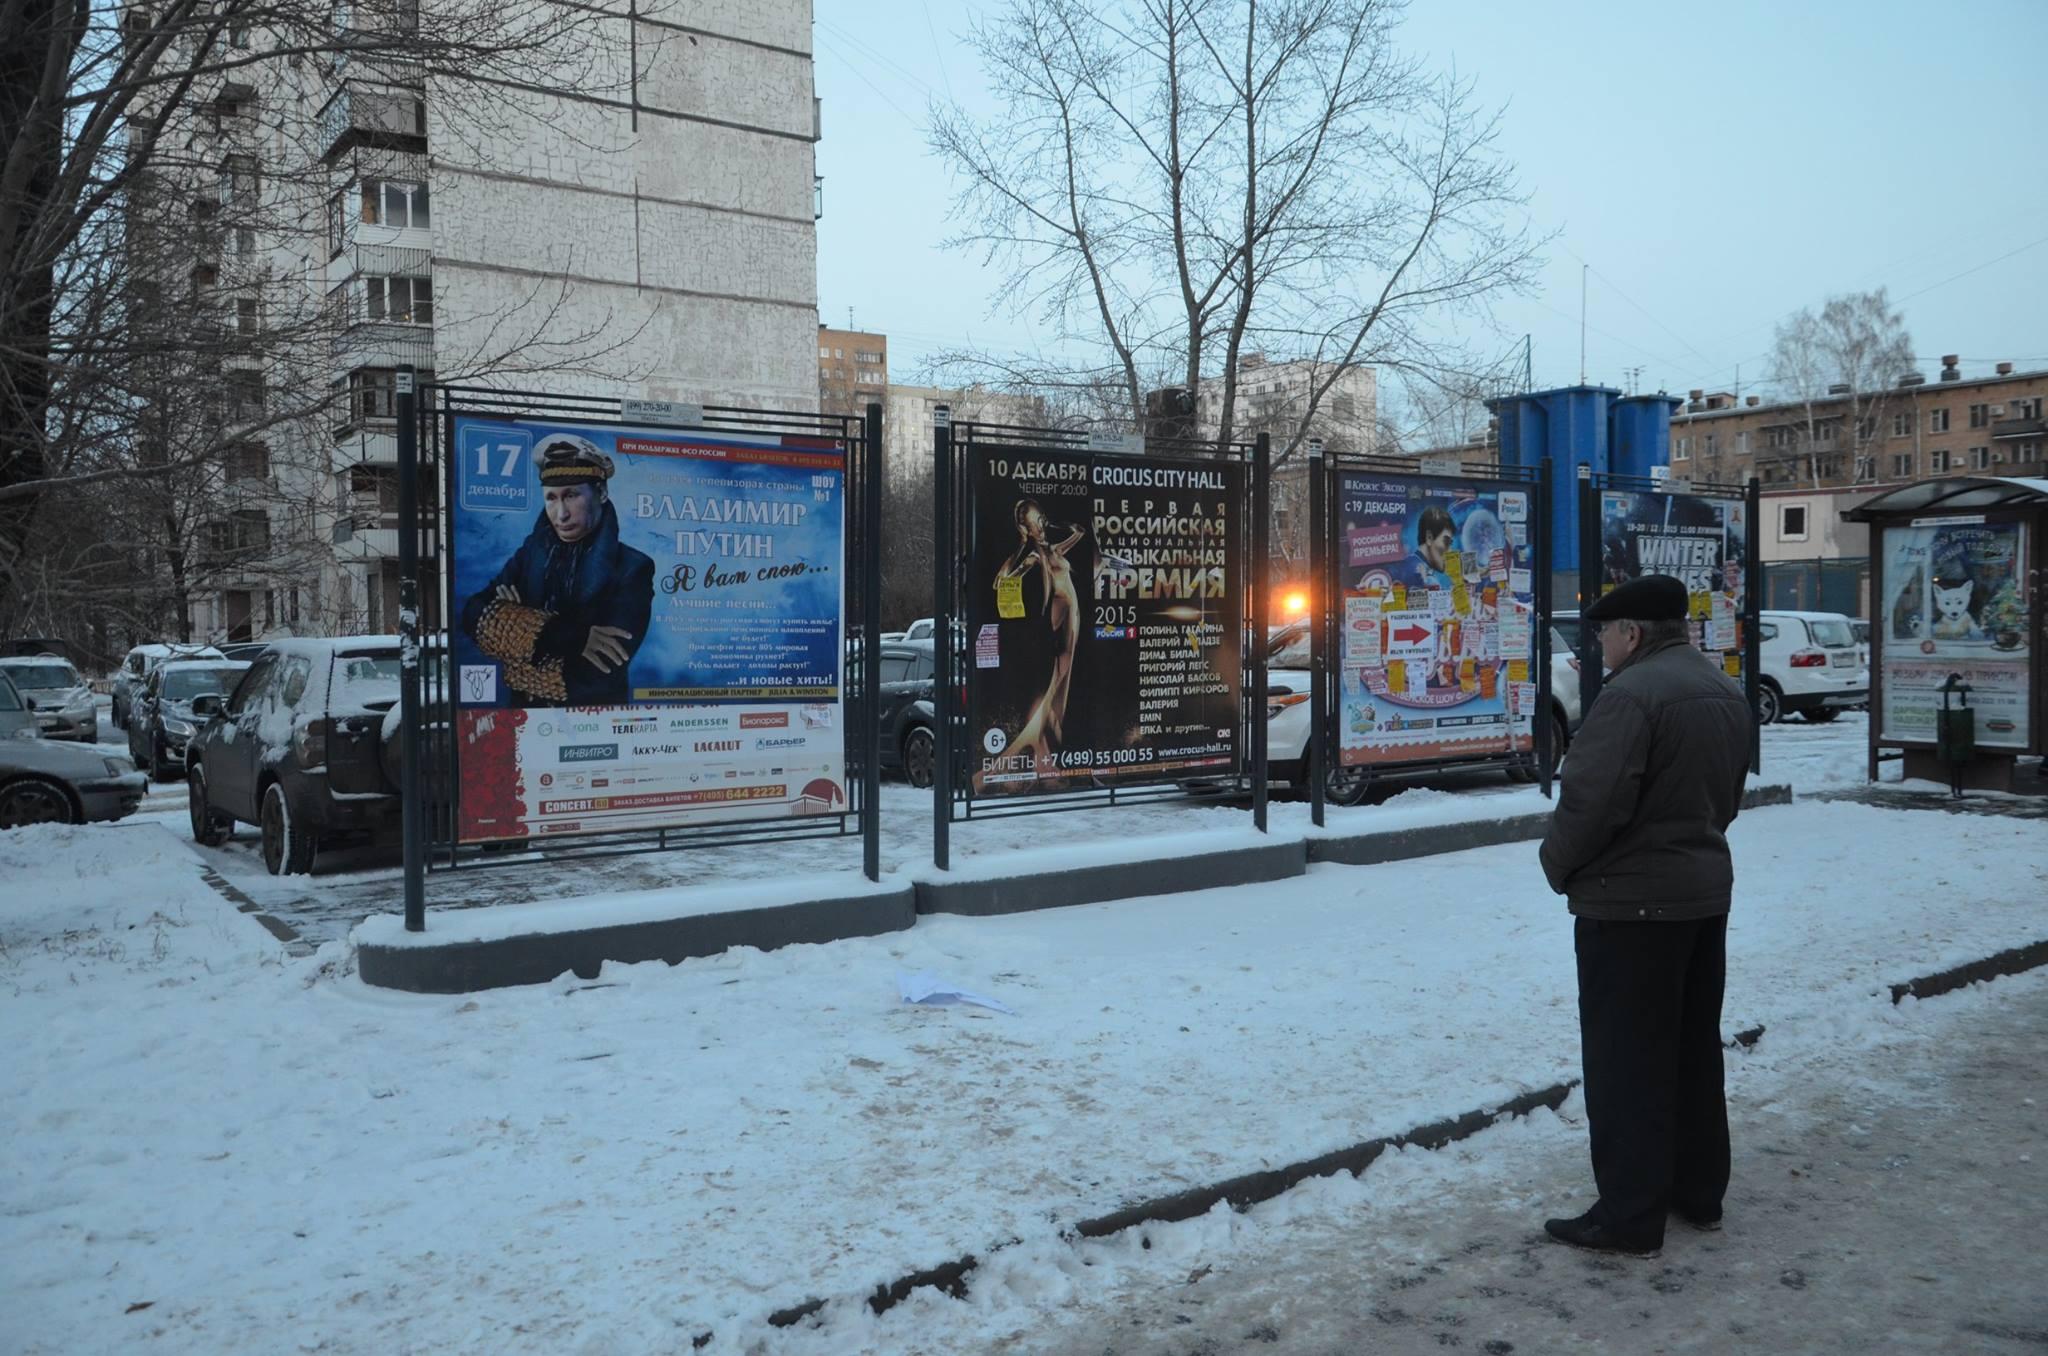 Putins größte Hits – Konzertplakat mit Zitaten des Präsidenten. Foto © Julia & Winston